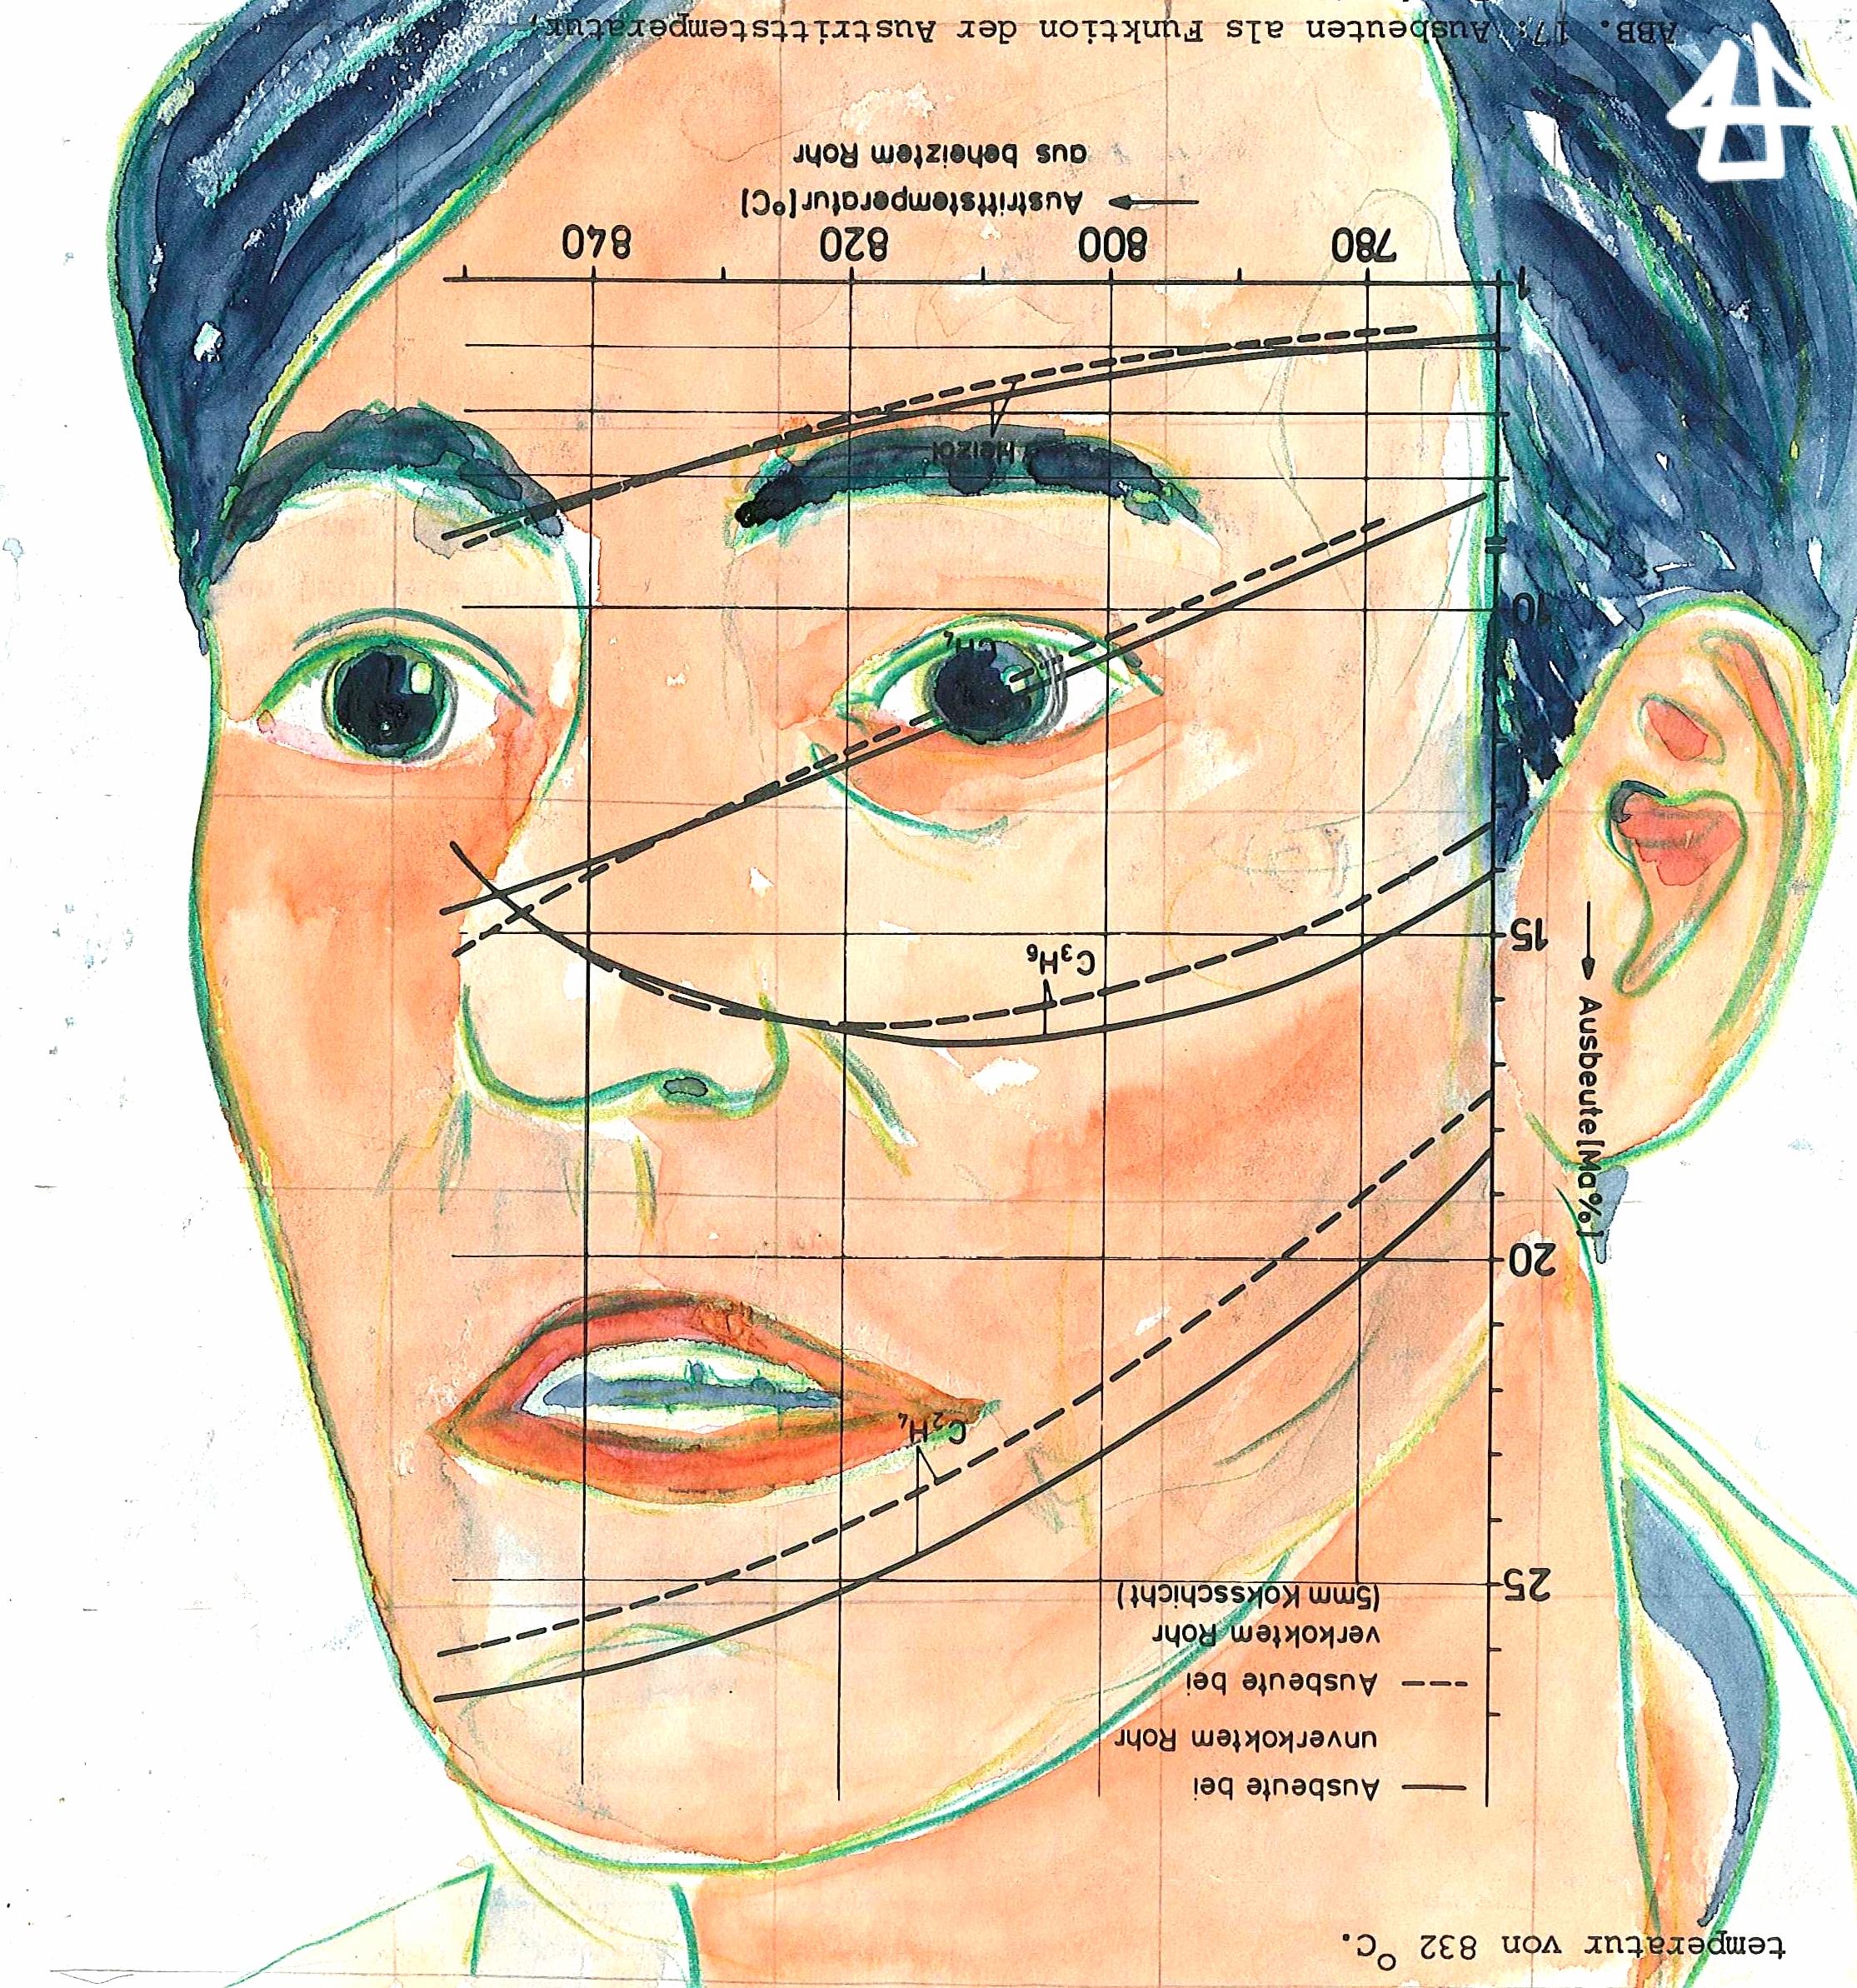 Zeichnung mit Buntstiften und Aquarell. Gesicht eines weißen Mannes mit weit aufgerissenen erstaunten Augen.